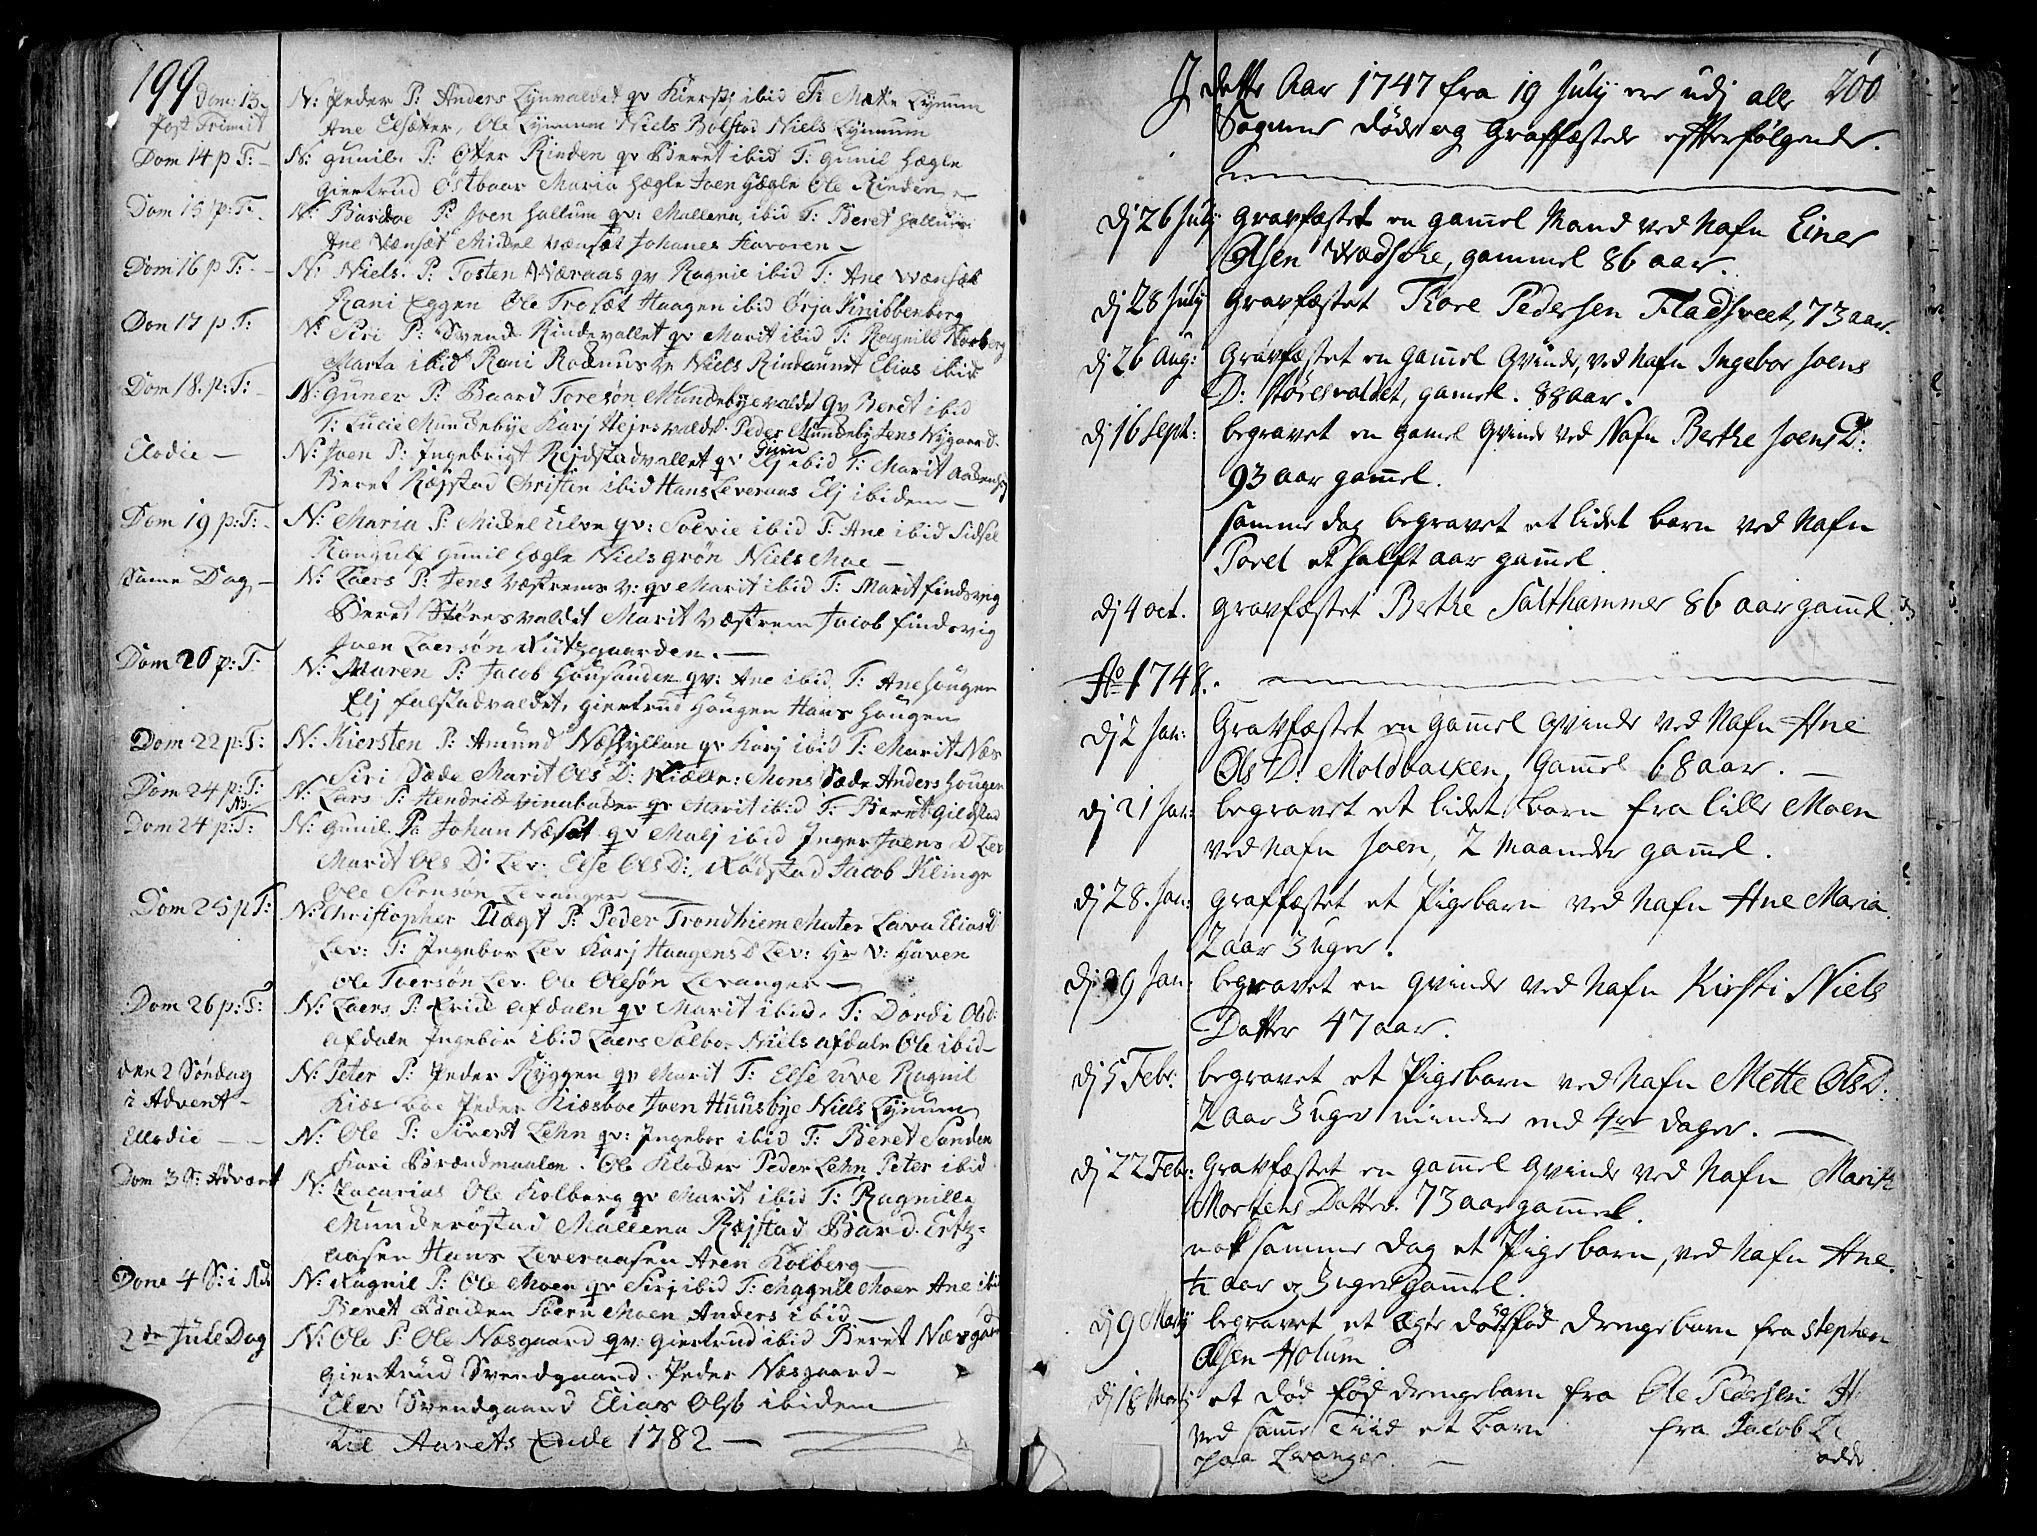 SAT, Ministerialprotokoller, klokkerbøker og fødselsregistre - Nord-Trøndelag, 717/L0141: Ministerialbok nr. 717A01, 1747-1803, s. 199-200